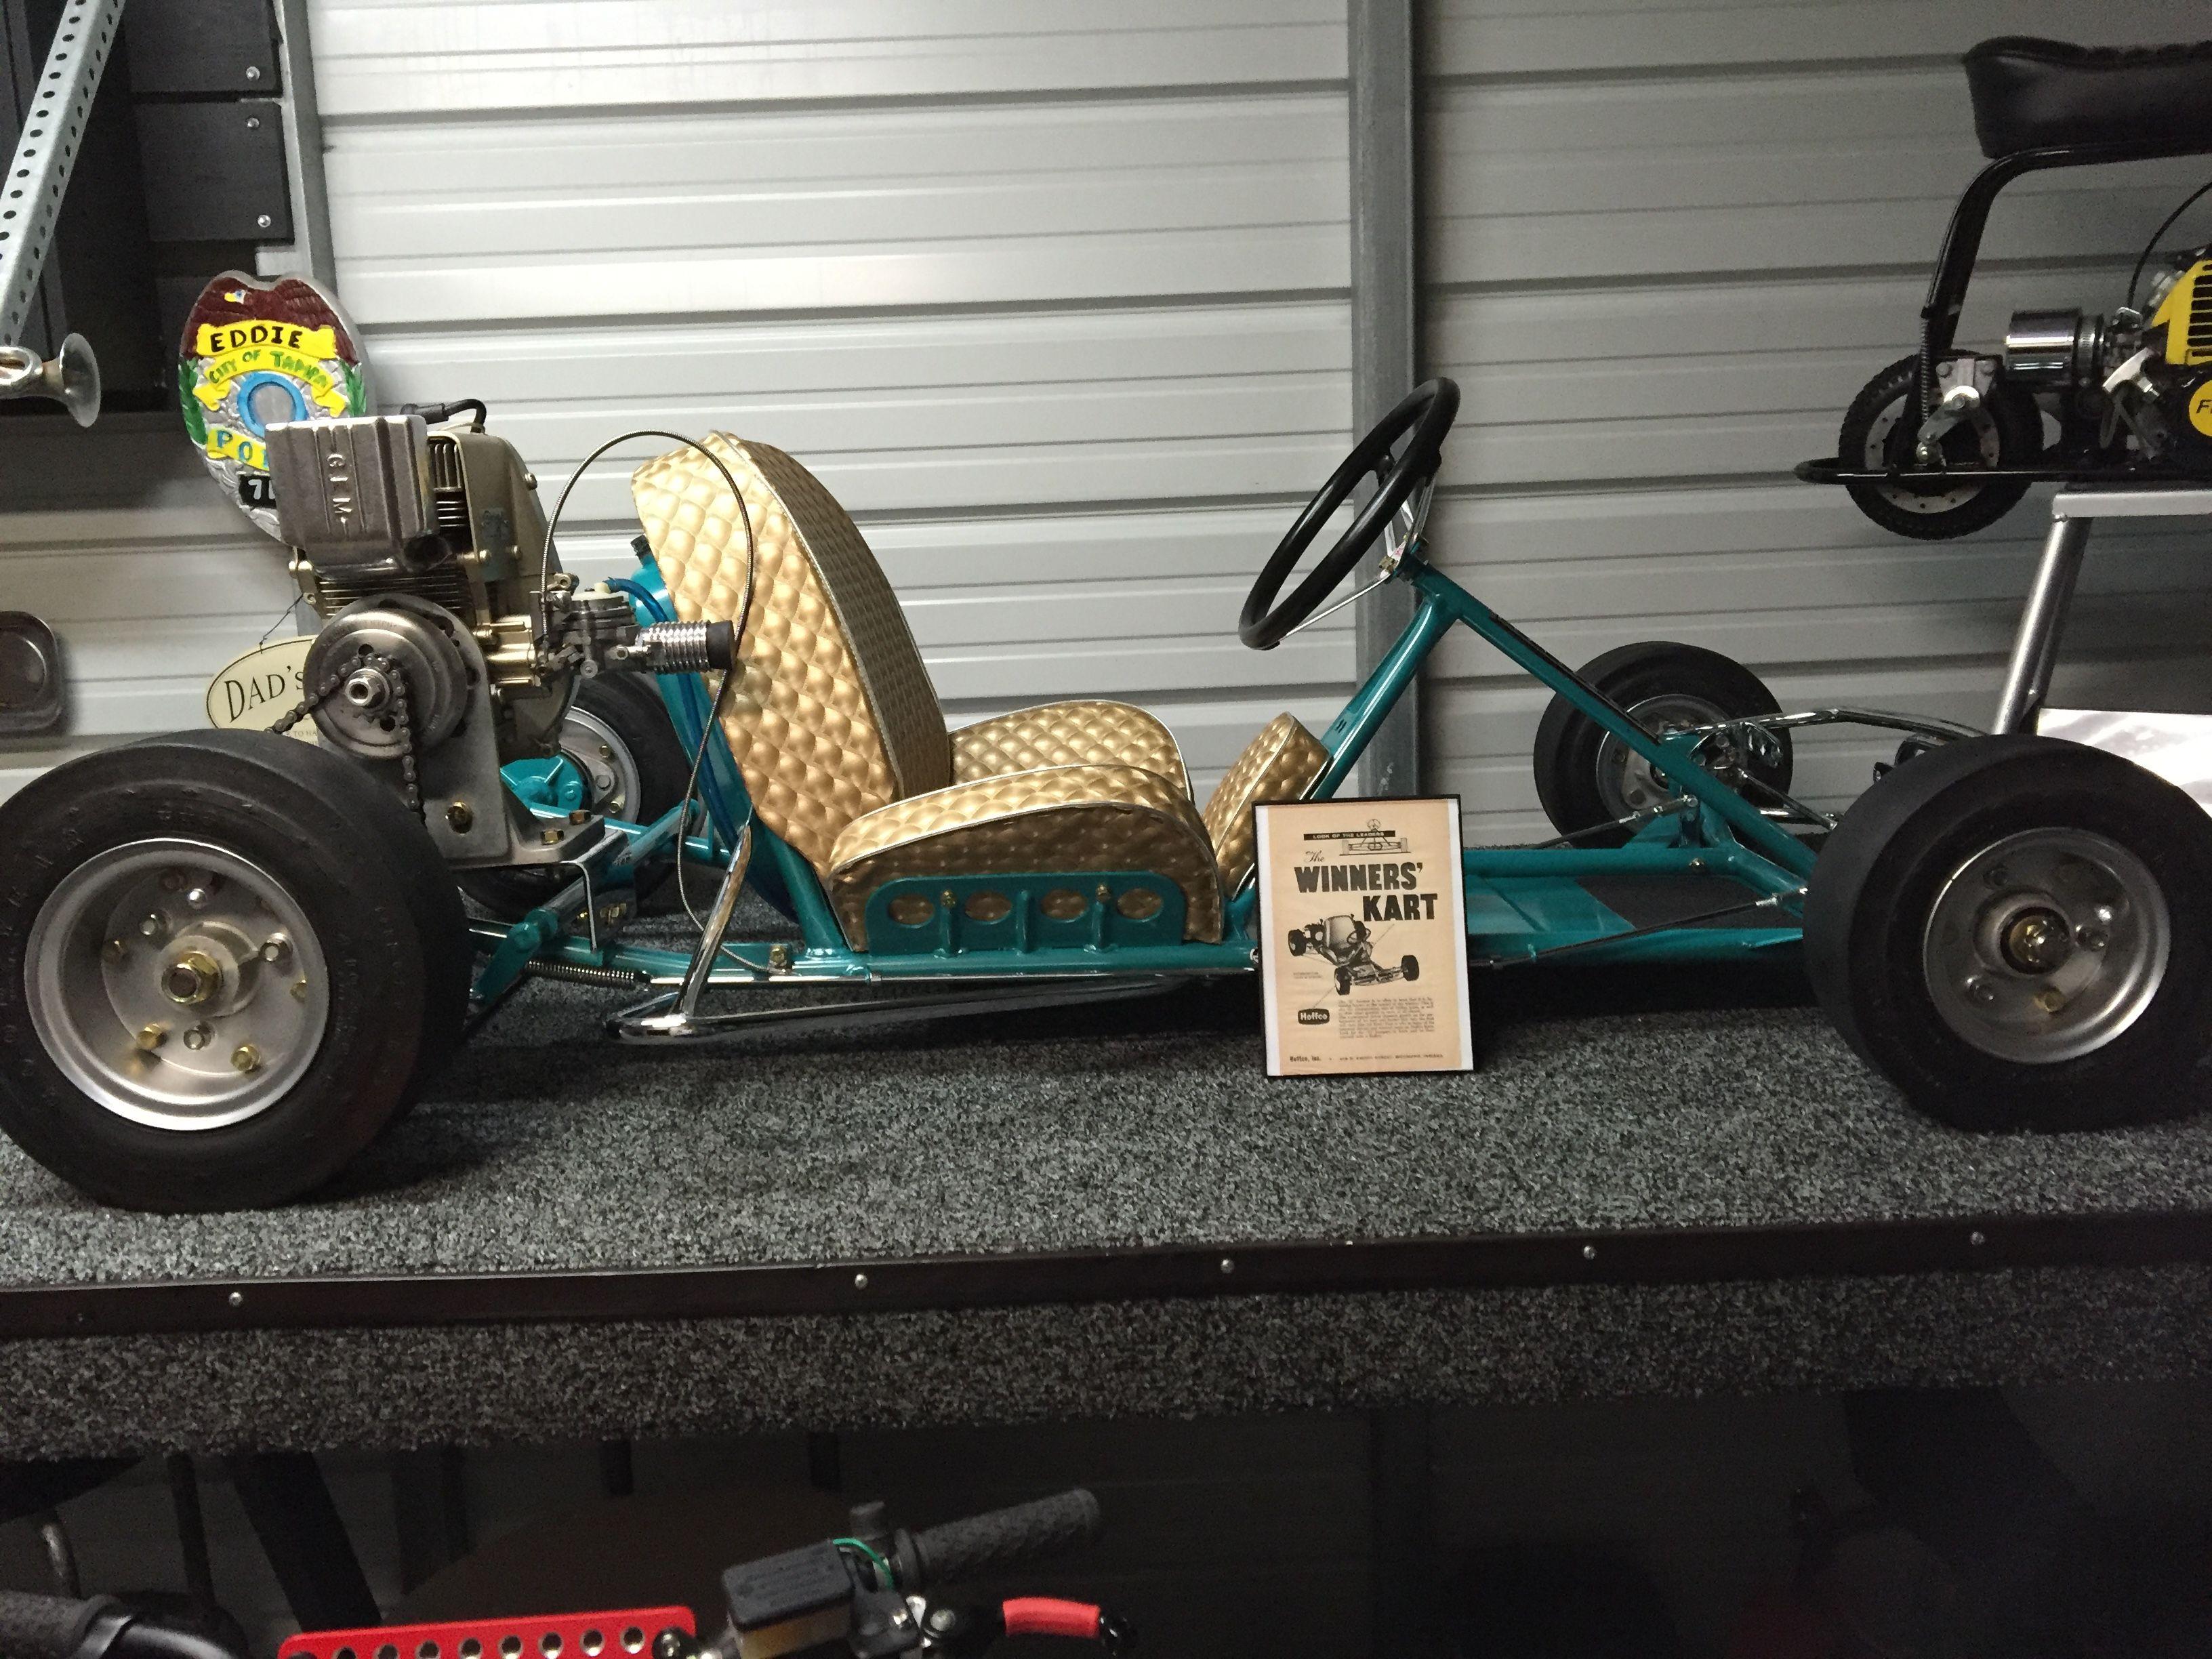 vintage racing go kart